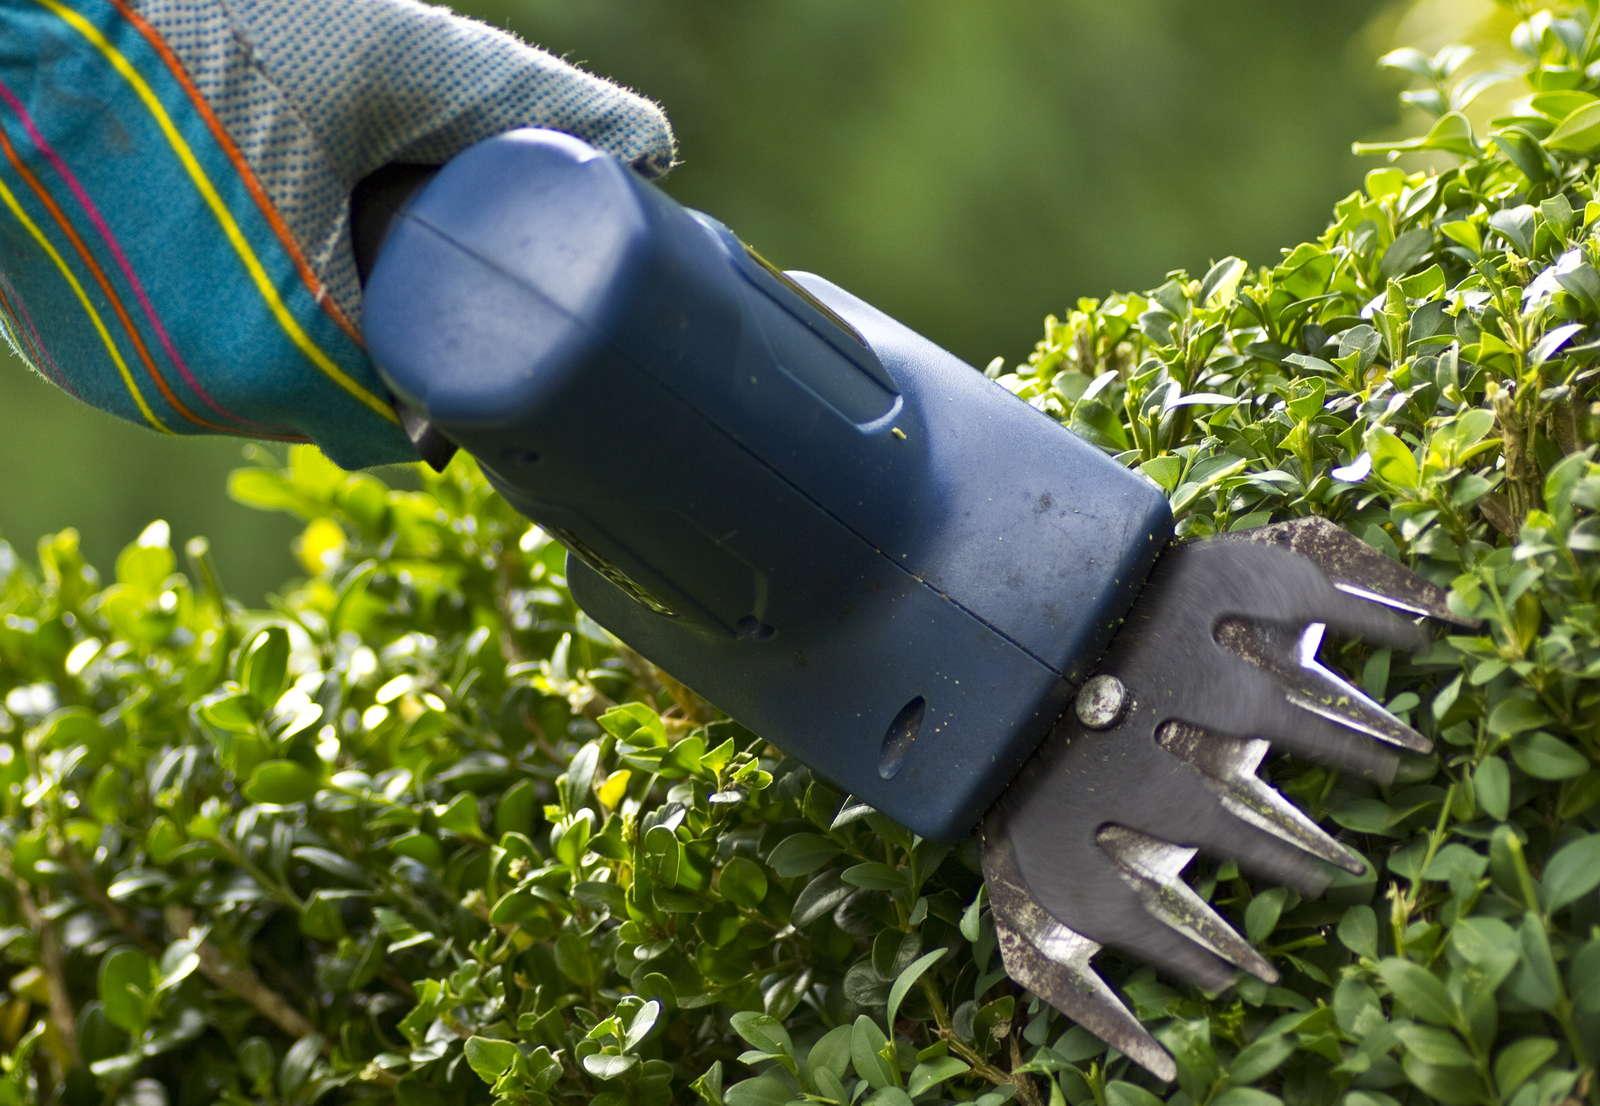 Fabelhaft Buchsbaum schneiden: Experten-Tipps zu Zeitpunkt & Vorgehen - Plantura #RP_01